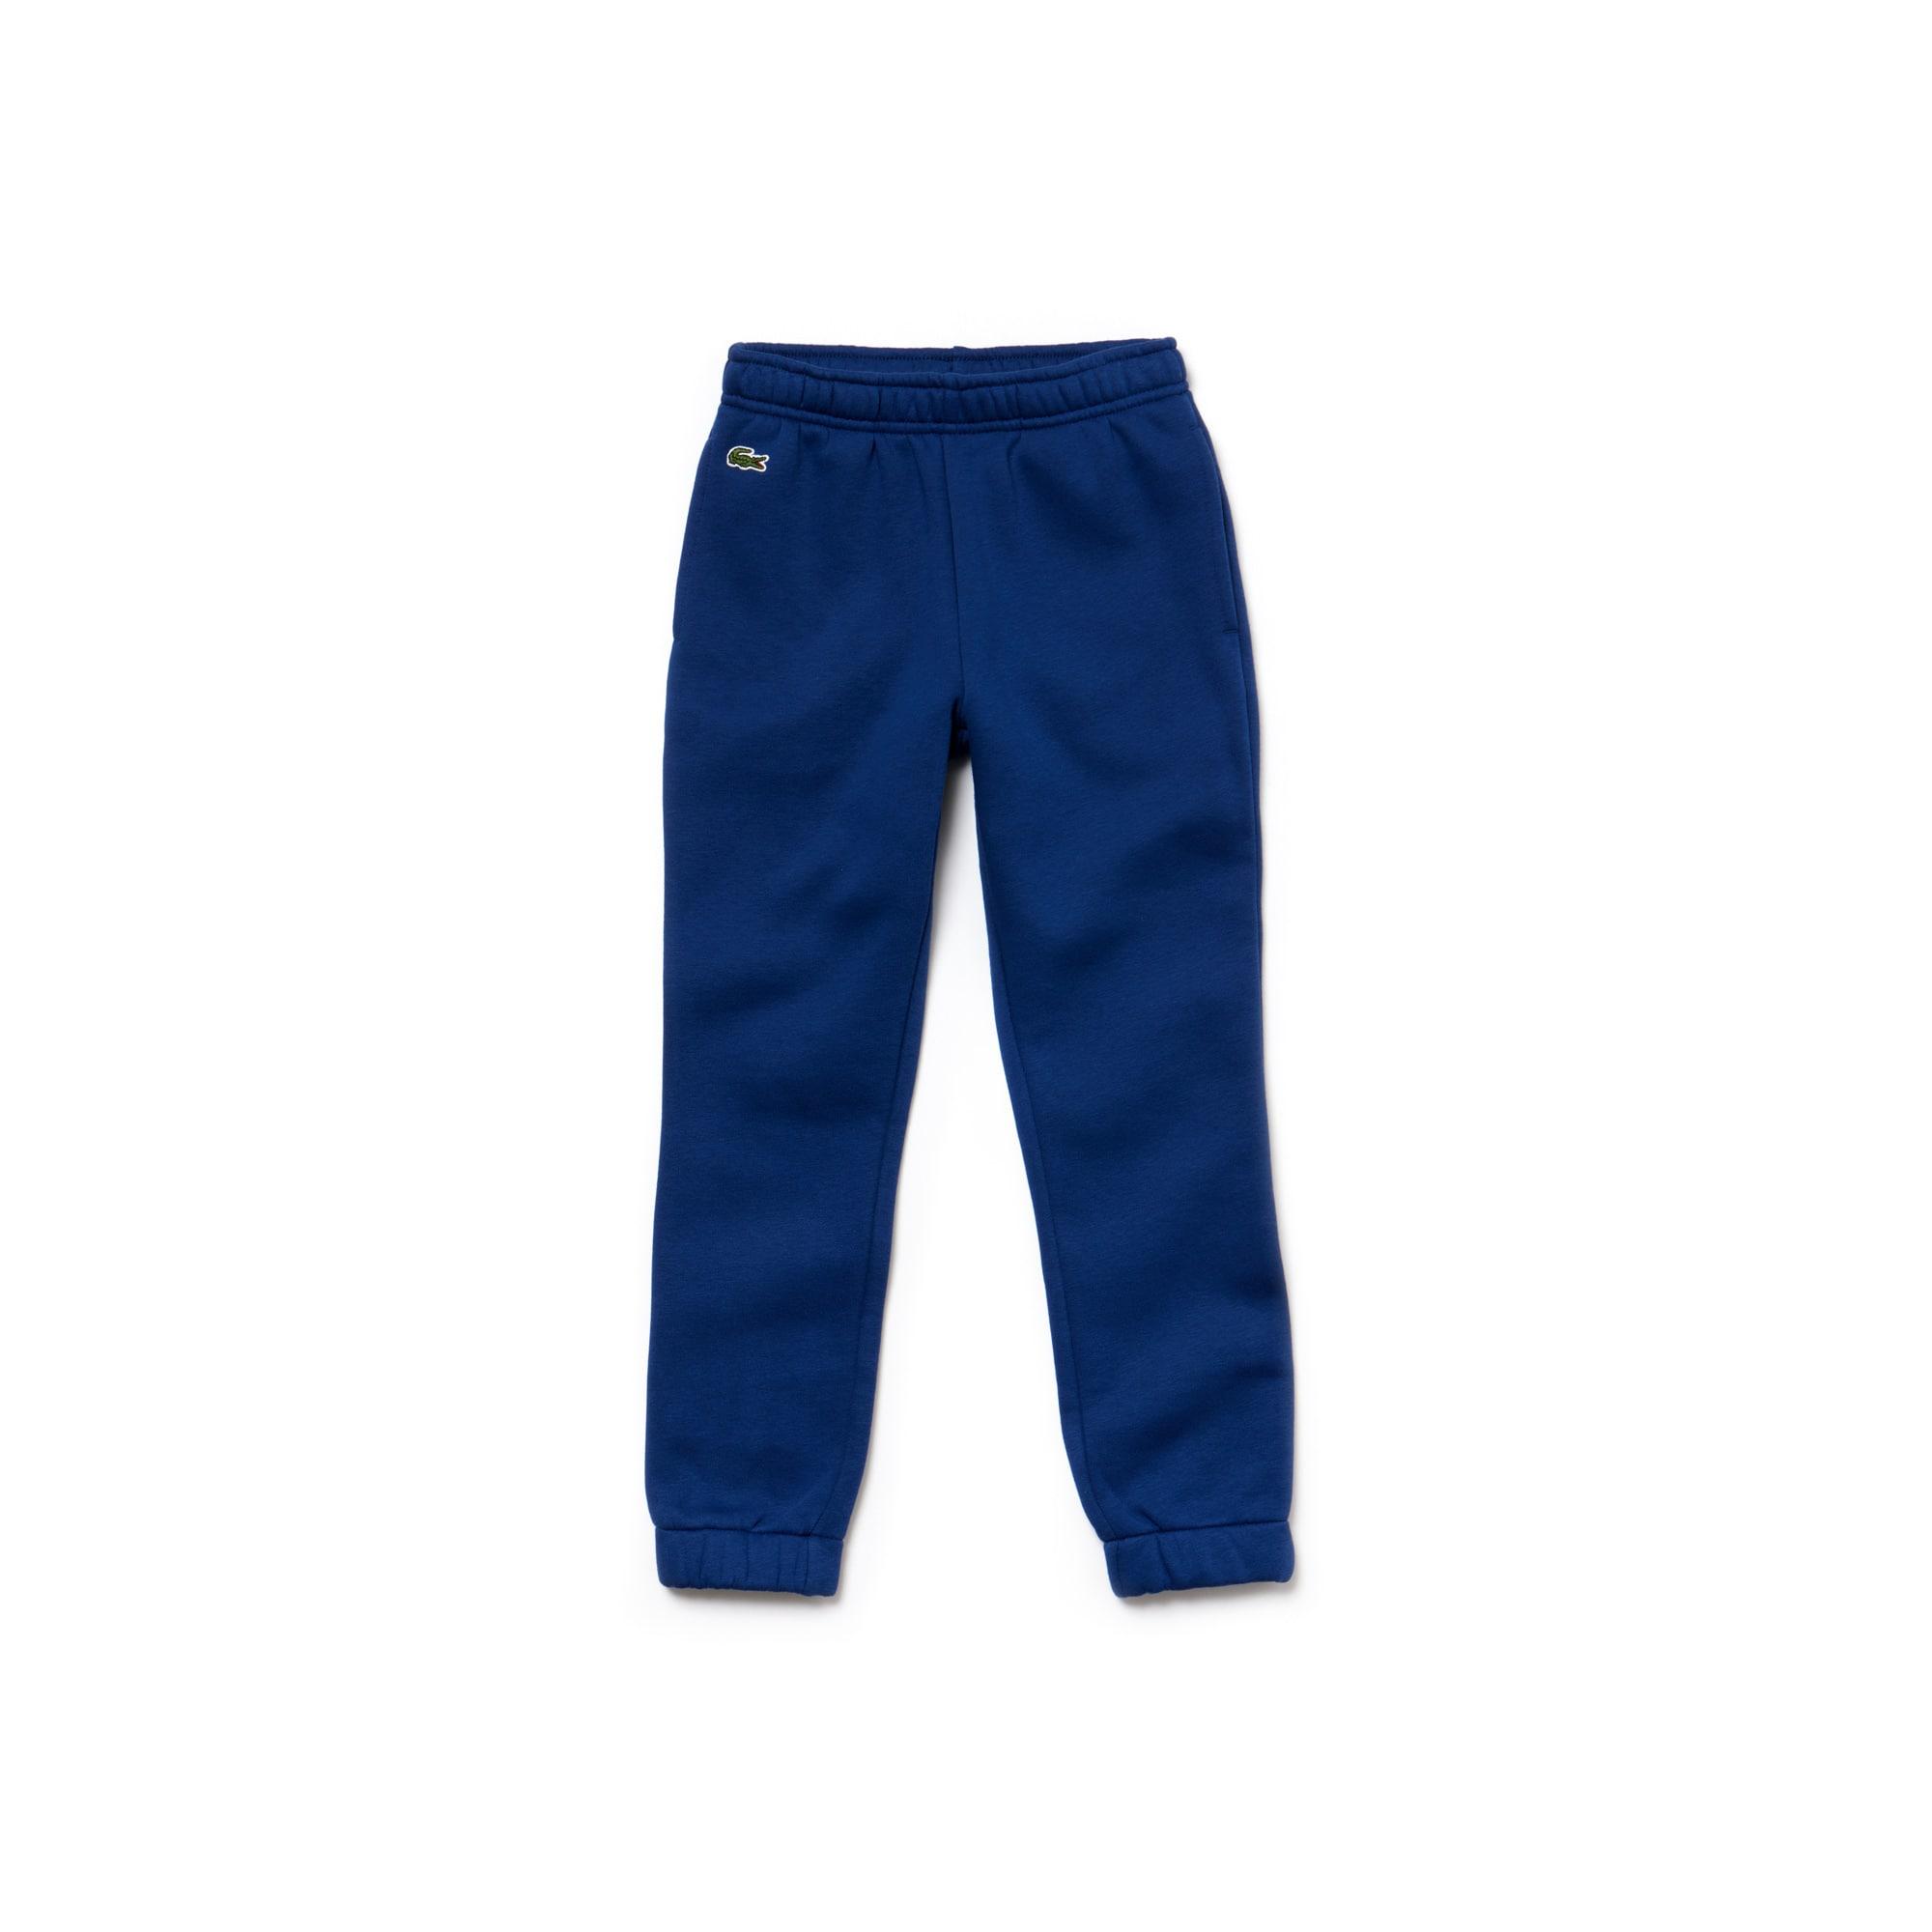 Pantaloni tuta da bambino Tennis Lacoste Sport in cotone